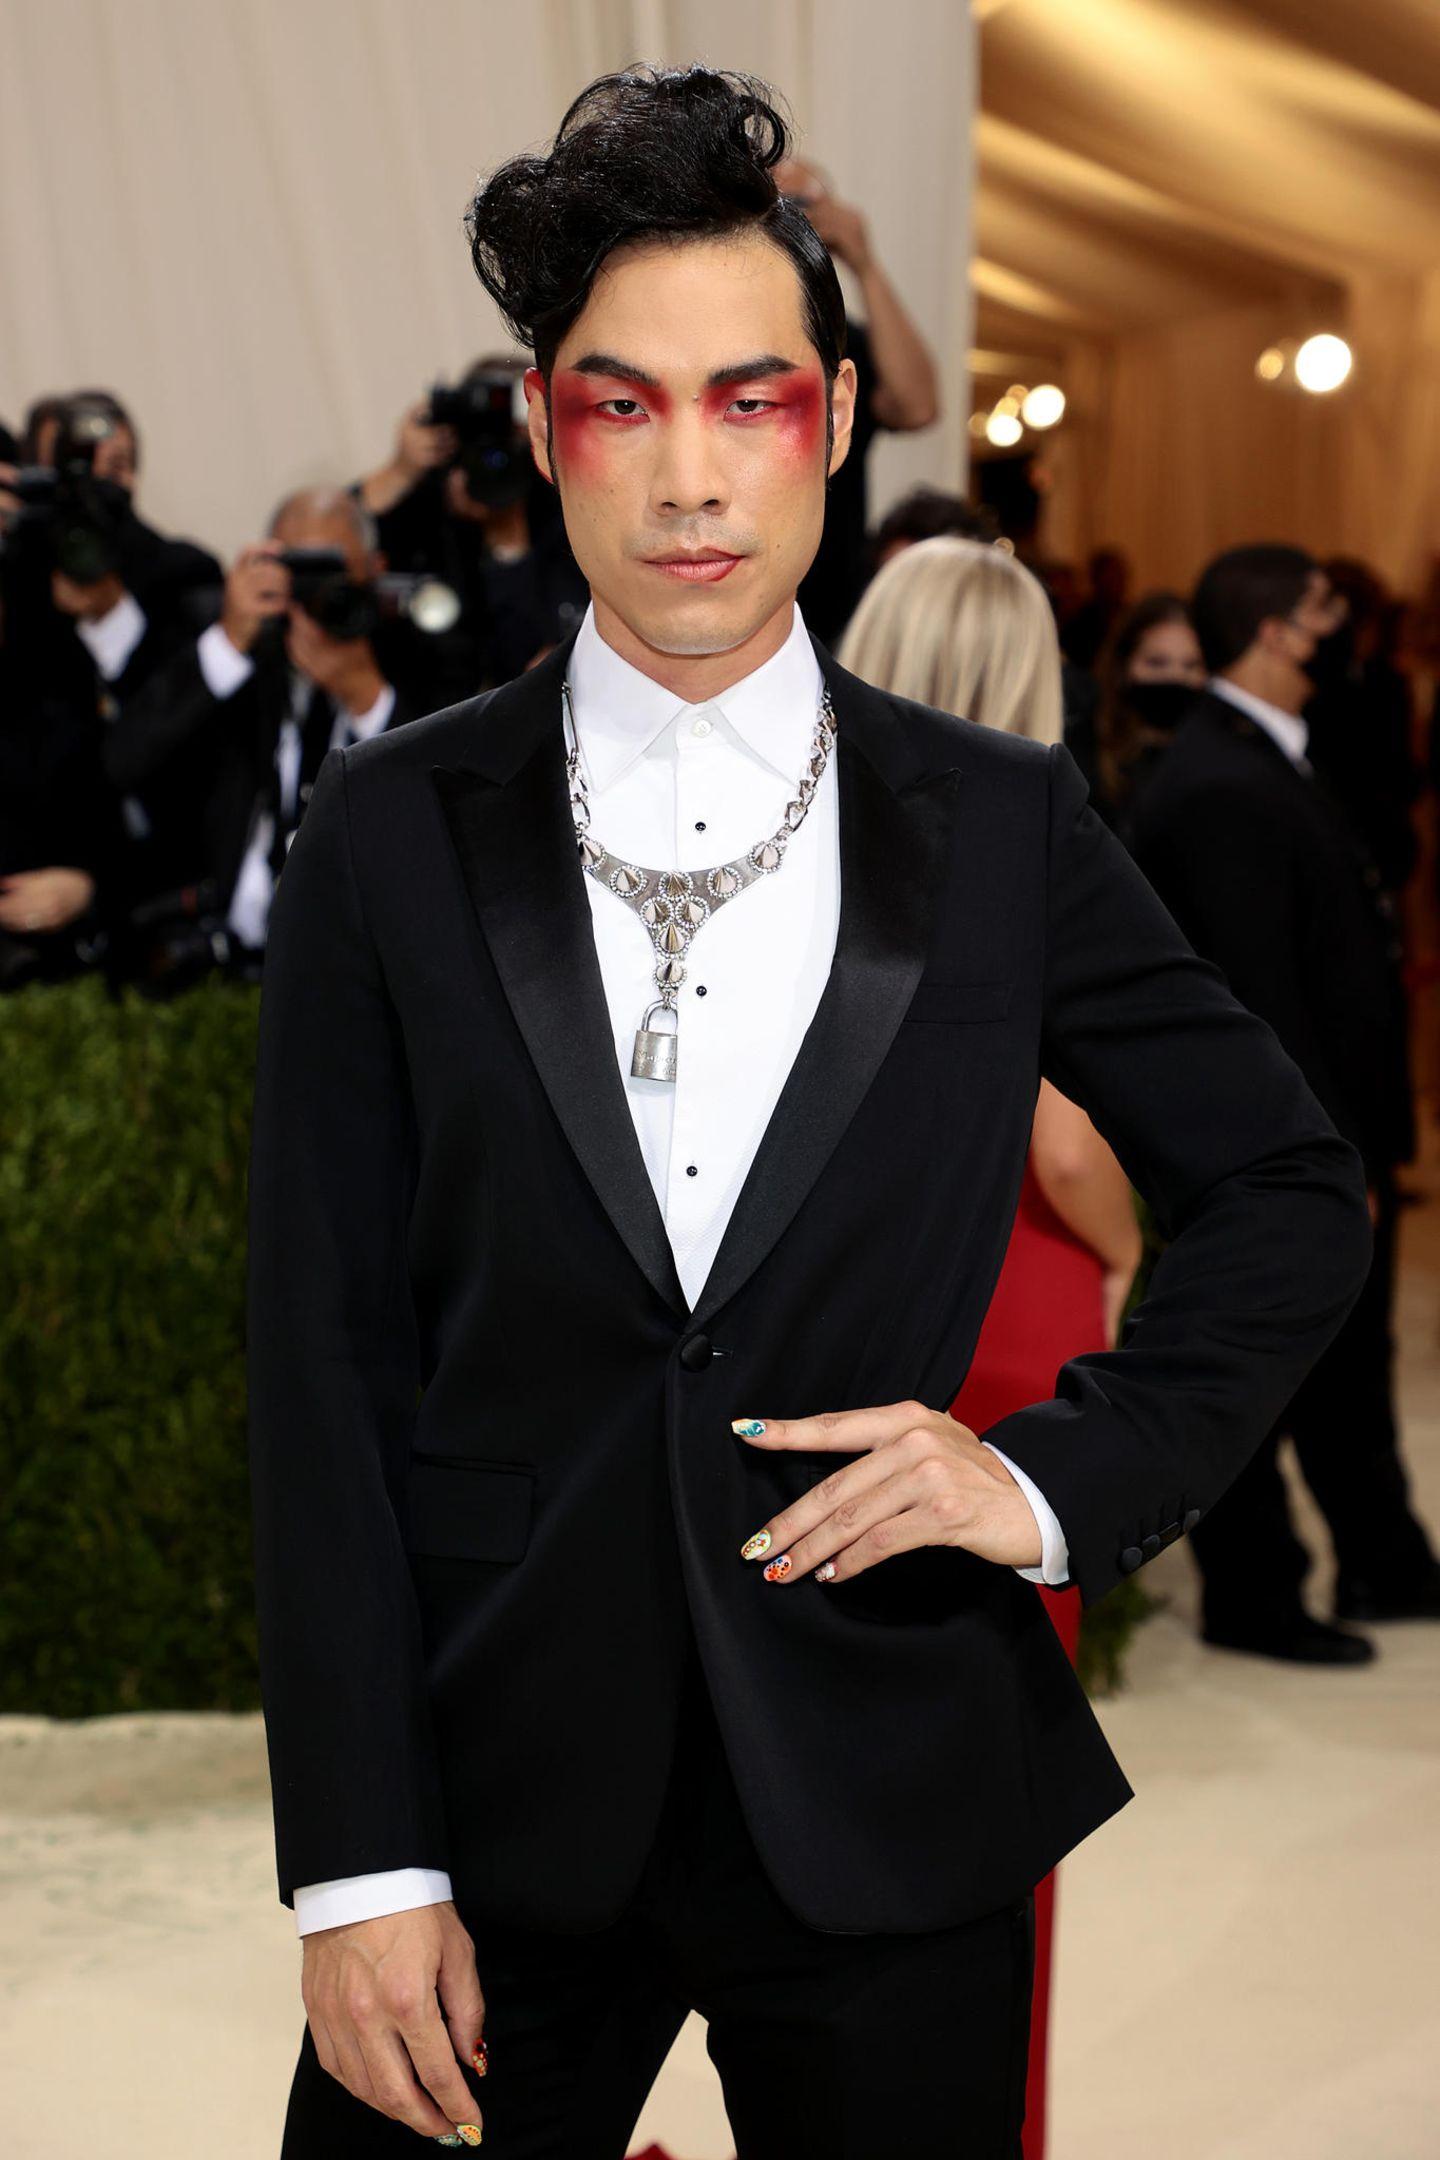 Schauspieler Eugene Lee Yang begeistert mit rotem Lidschatten, der ins Rouge verläuft.